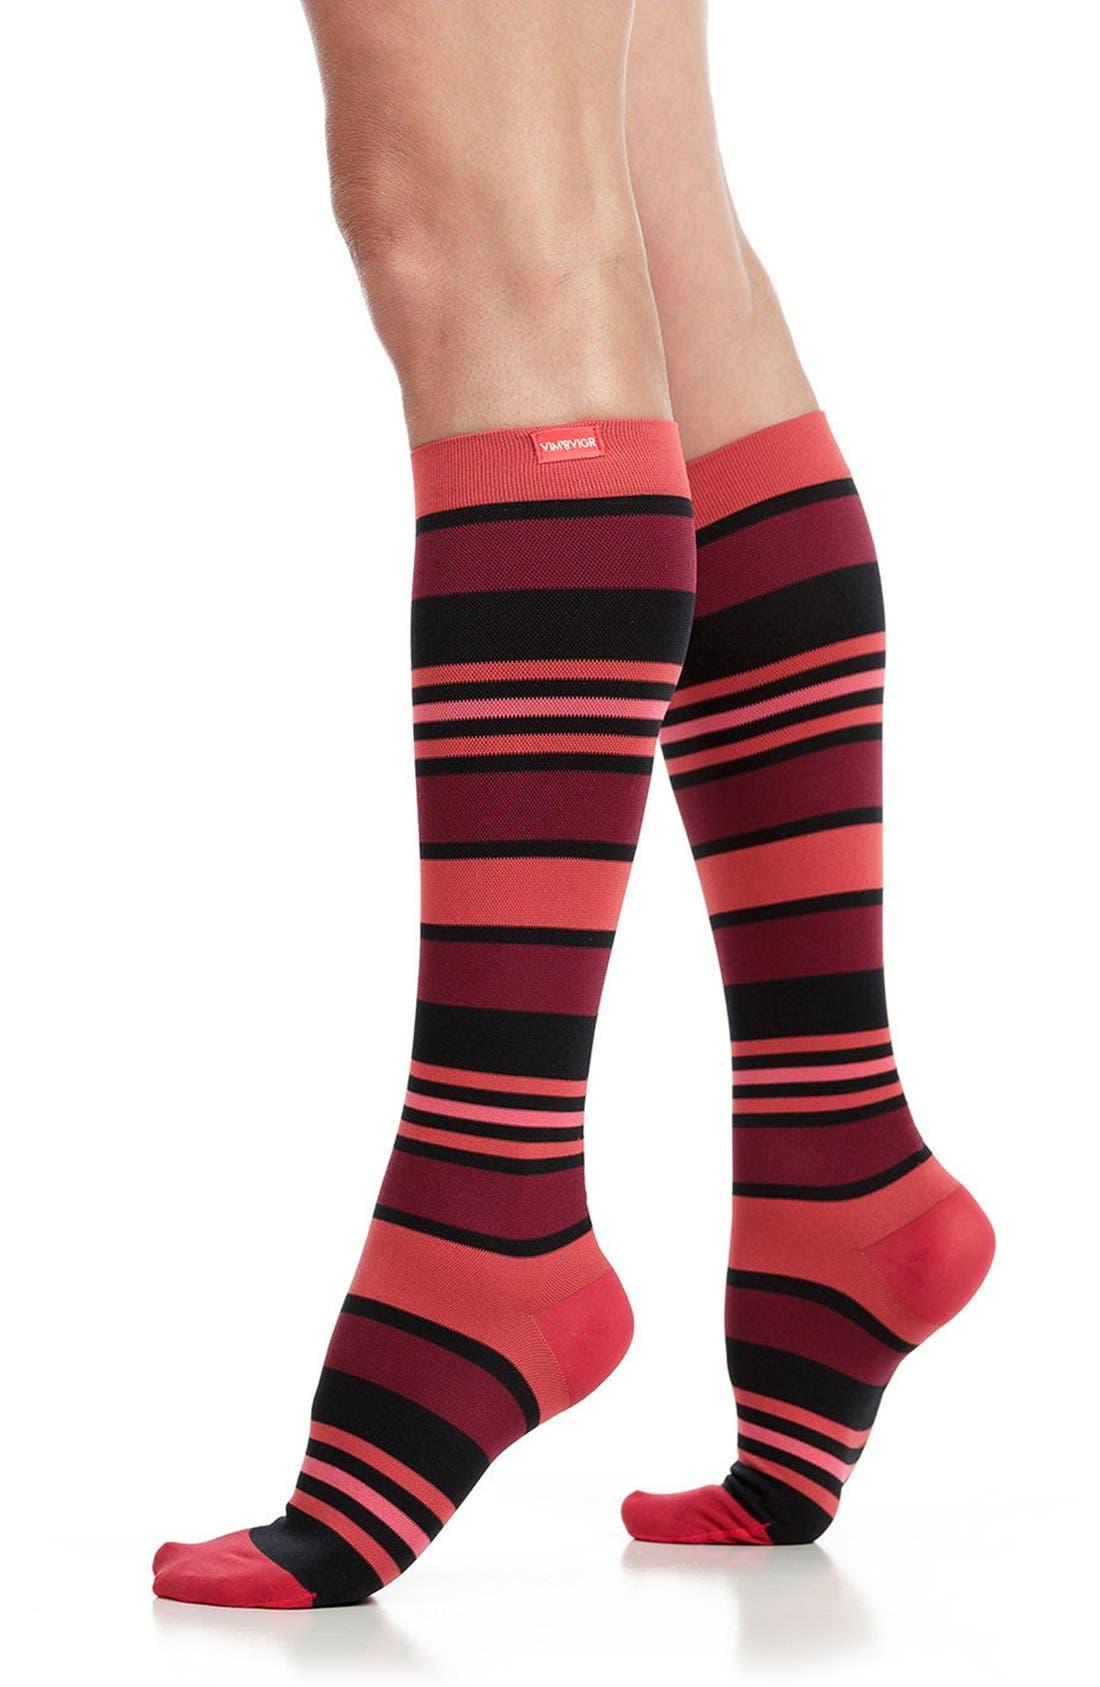 'Fun Stripe' Graduated Compression Trouser Socks,                         Main,                         color, CORAL/ BLACK